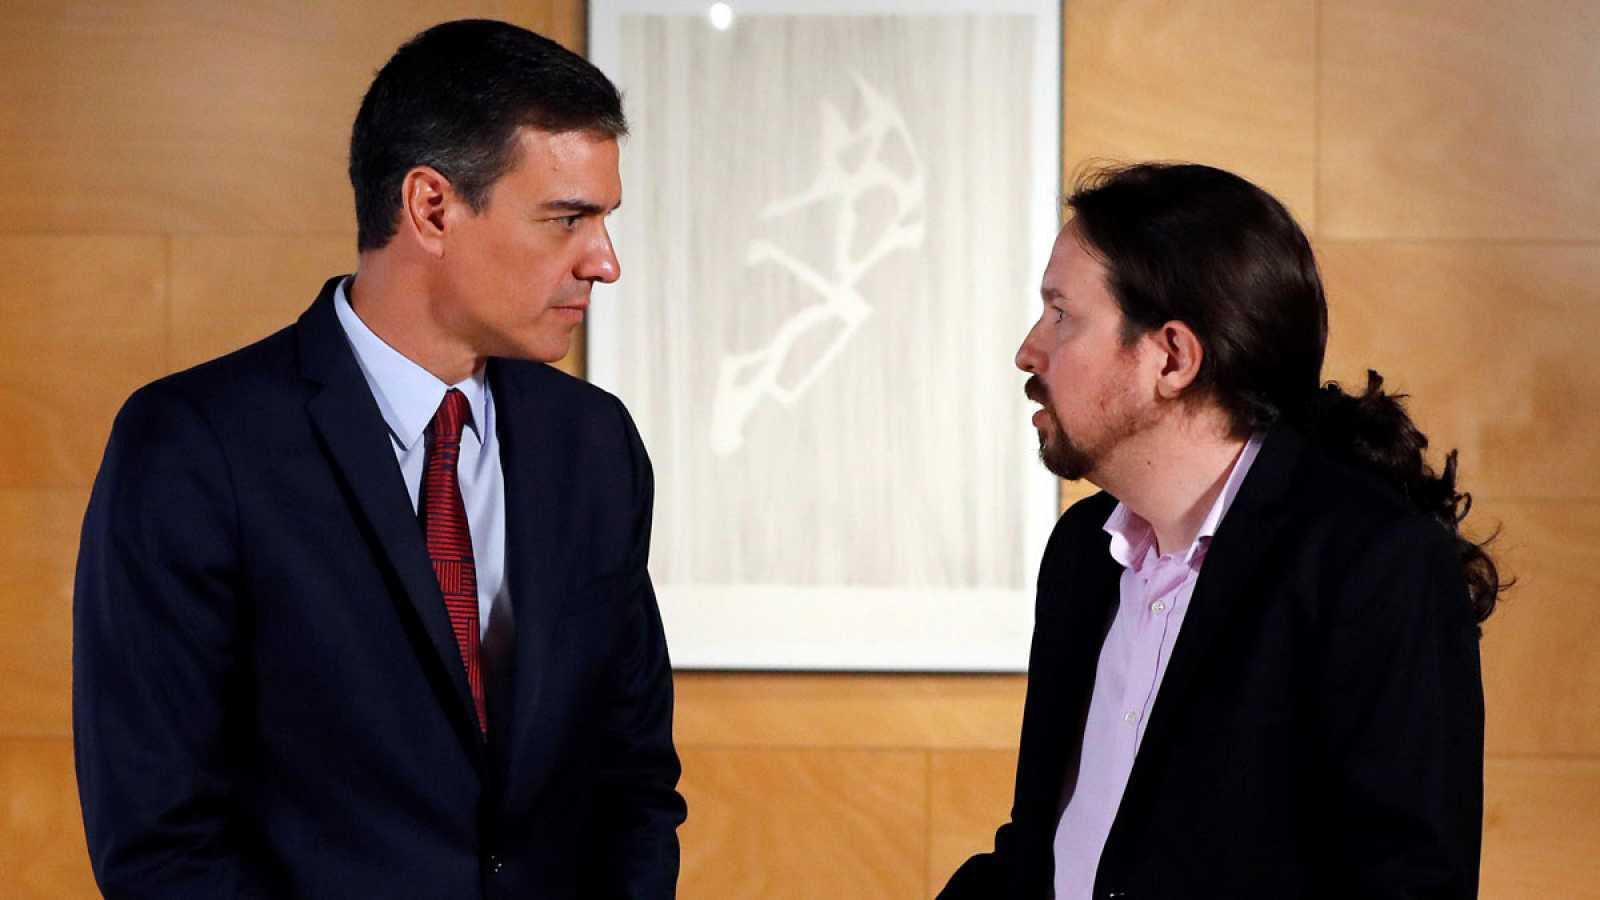 Los desencuentros entre Podemos y PSOE obligan a convocar la segunda Comisión de Seguimiento del Gobierno de coalición